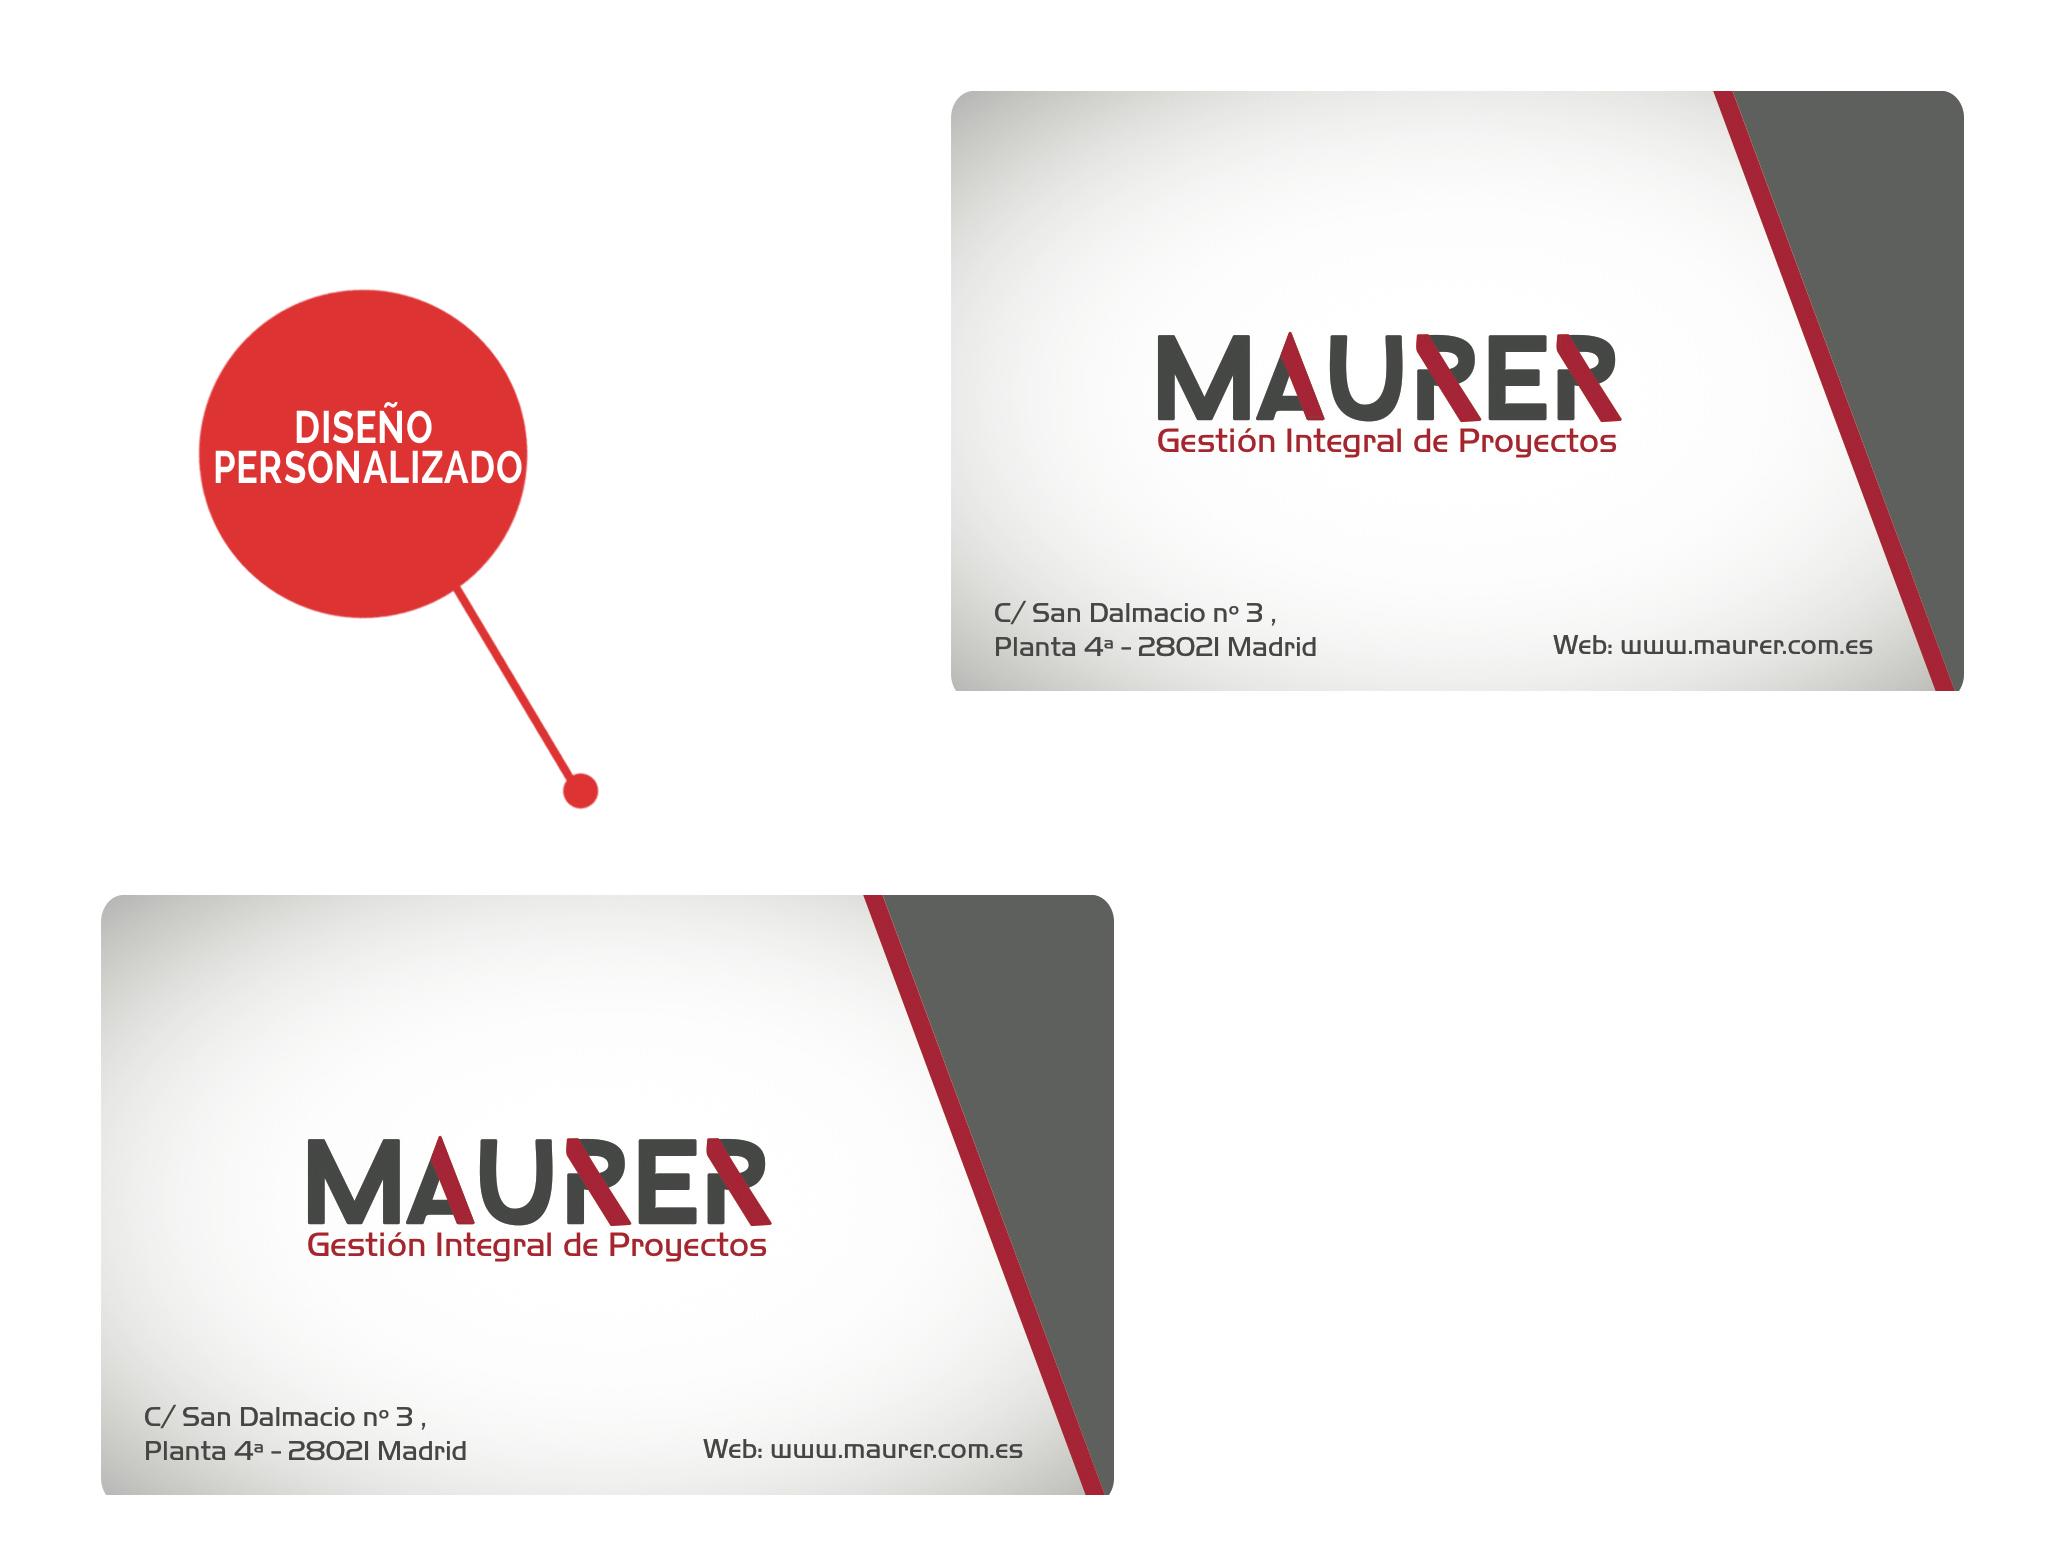 Servicios de Diseño Gráfico en Alcorcón. Contribuimos a crear y difundir de la manera más atractiva posible la imagen de empresa